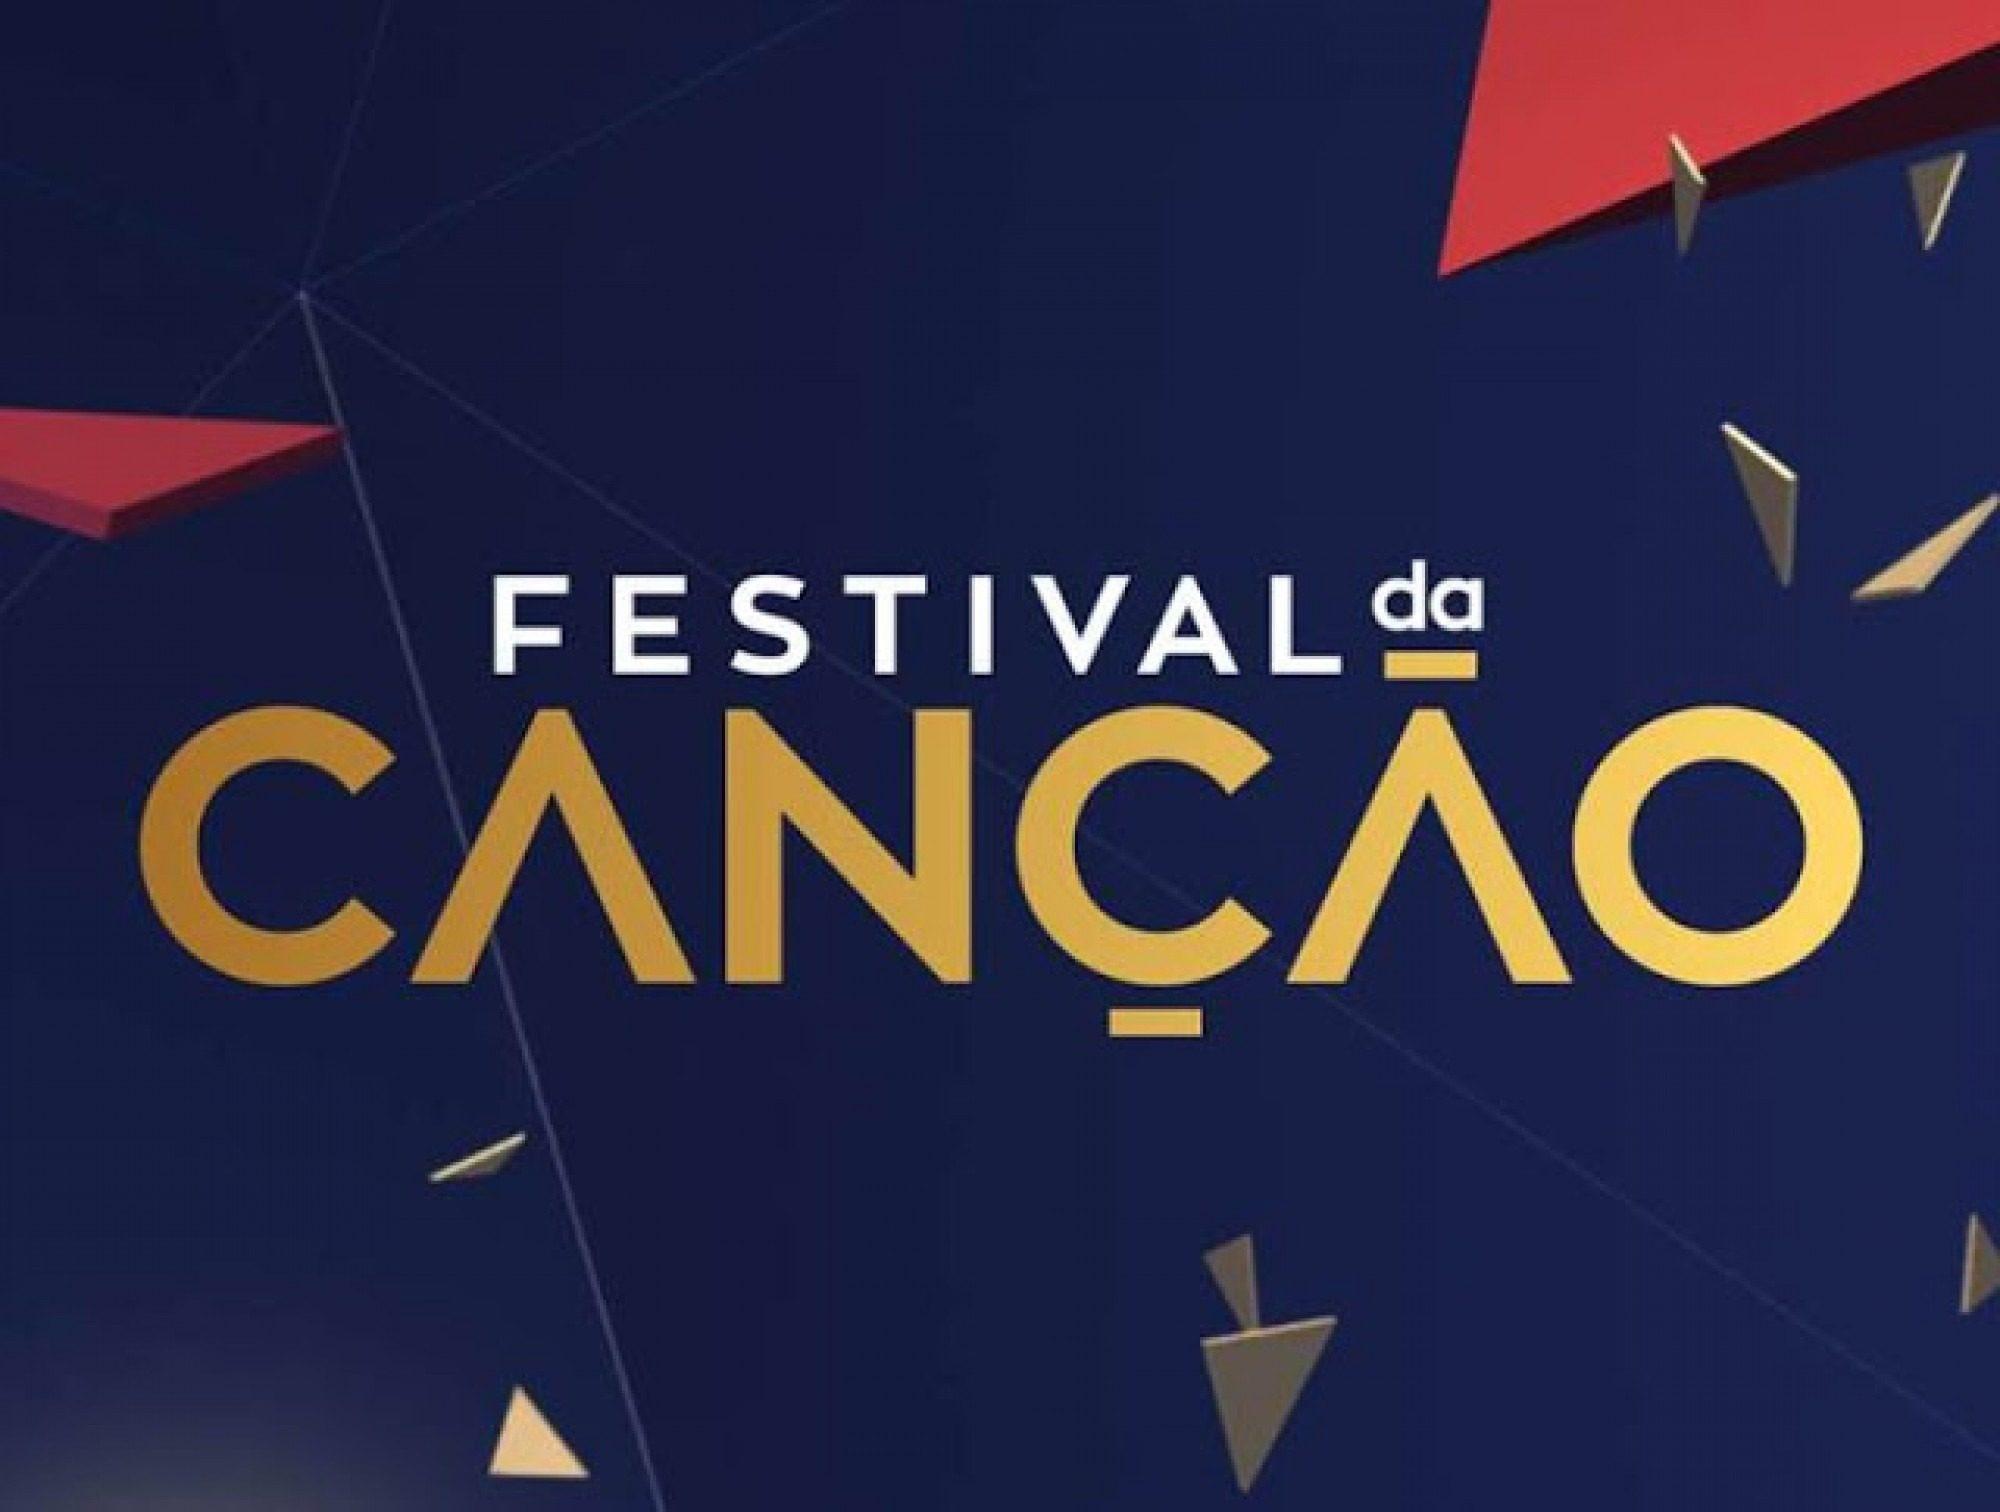 15012020_120613_festival-da-cancao_grande